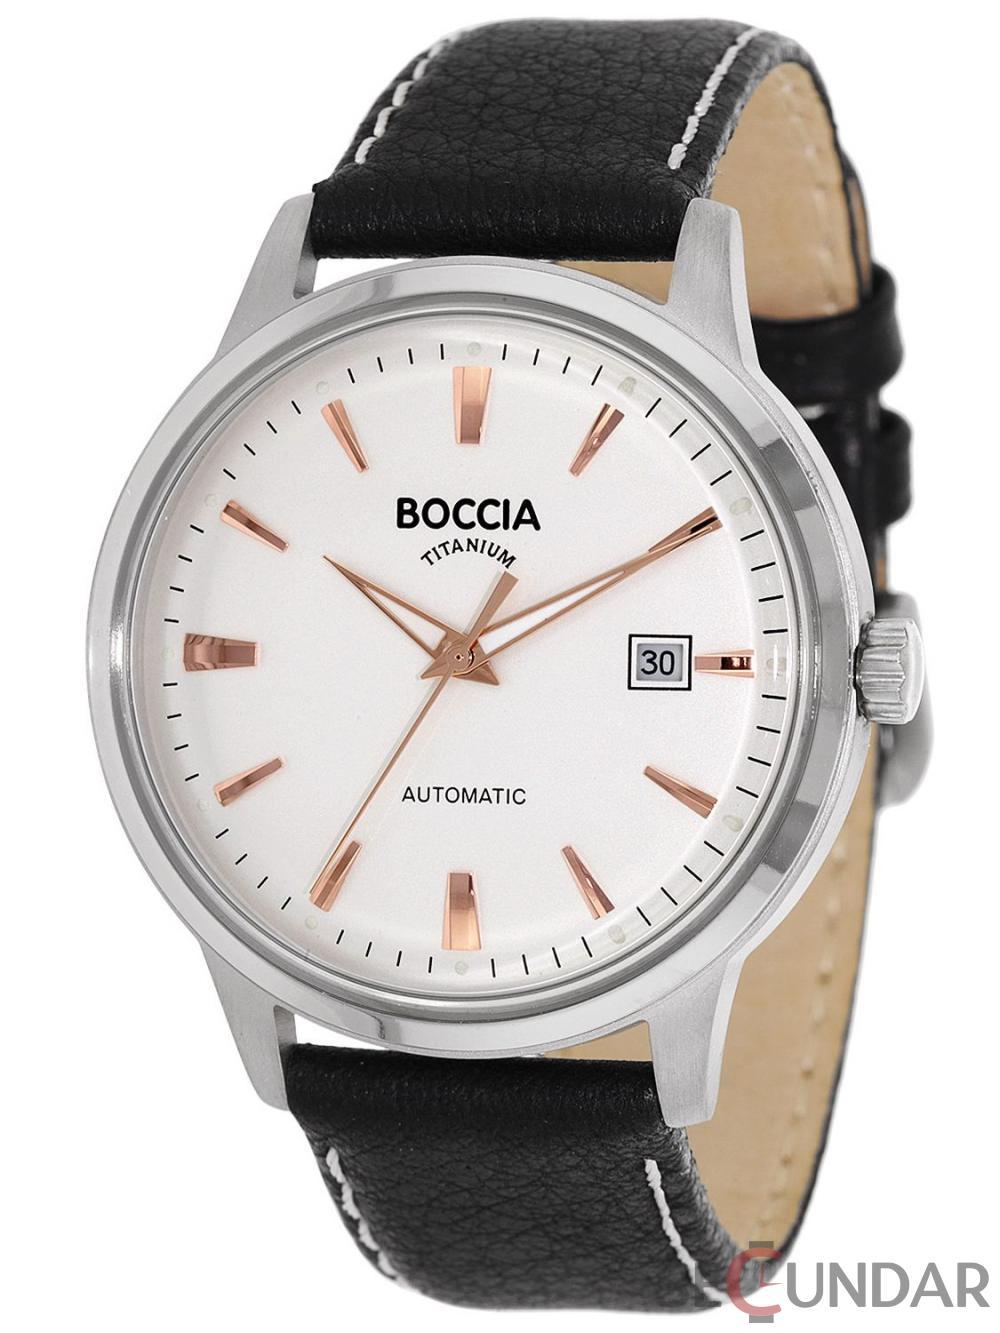 Ceas Boccia TITANIUM 3586-03 Barbatesc de Mana Original